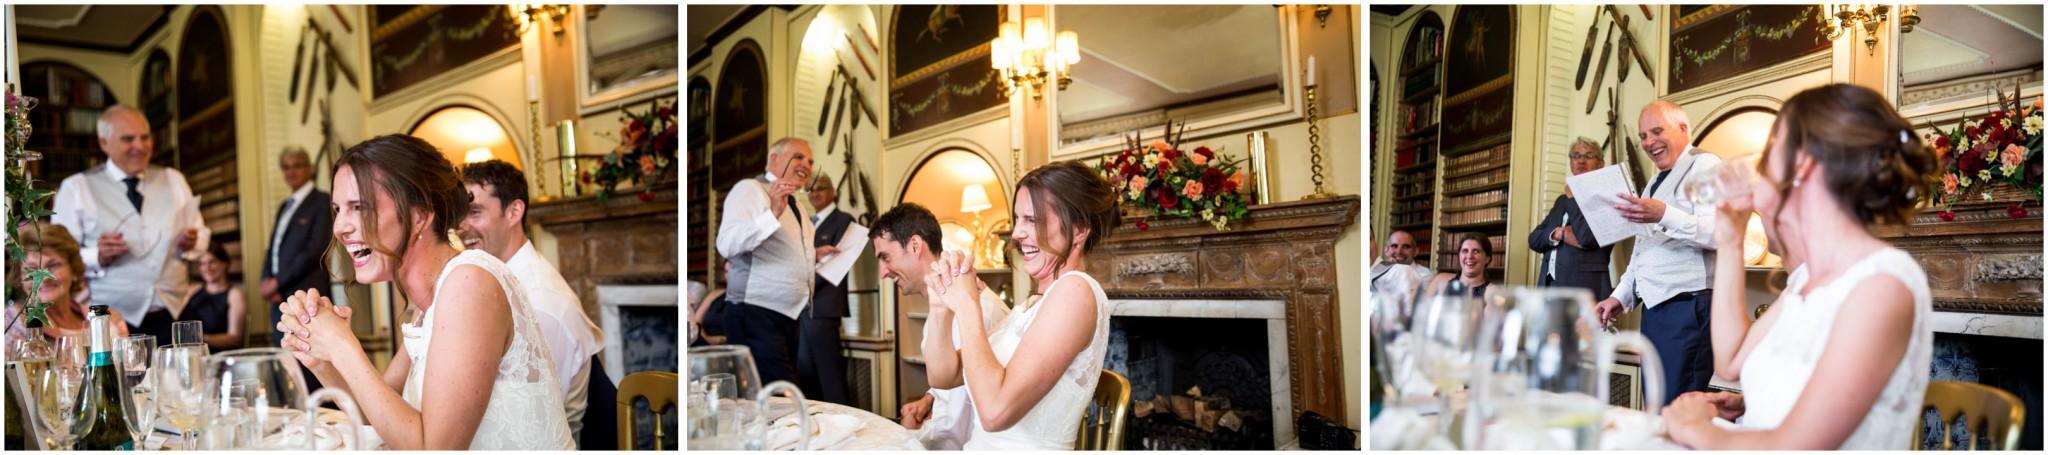 Avington Park Wedding Bride's Reaction to Father of the Bride Speech